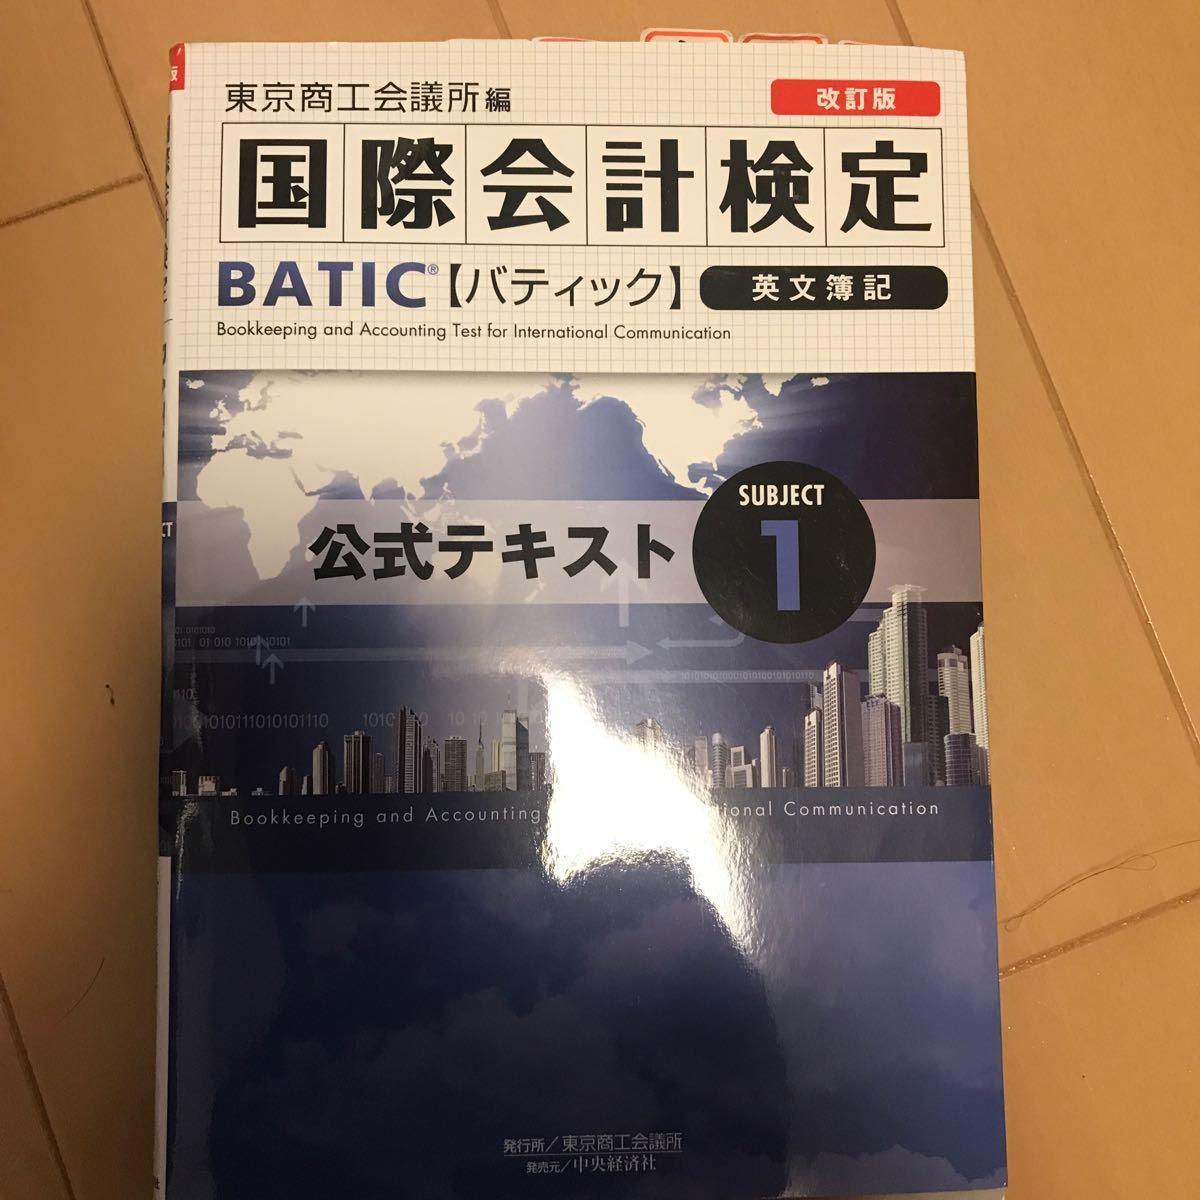 国際会計検定BATIC Subject 英文簿記 改訂版 (1) 公式テキスト/東京商工会議所 【編】